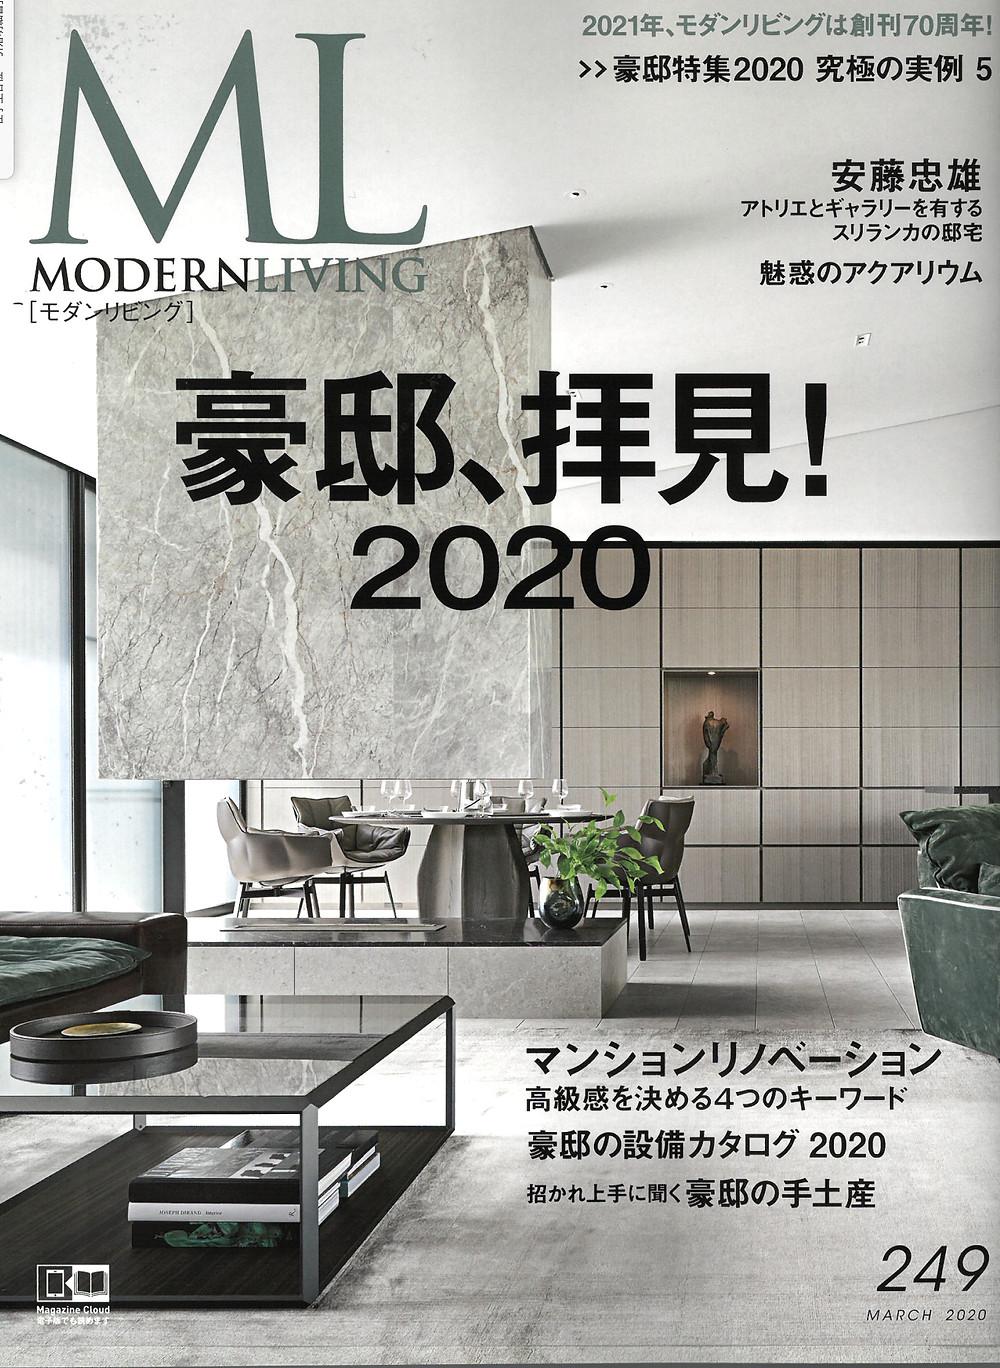 雑誌モダンリビングで、リノベーションで映える家具とは!という記事を掲載いただきました。ツジチハルのブログ